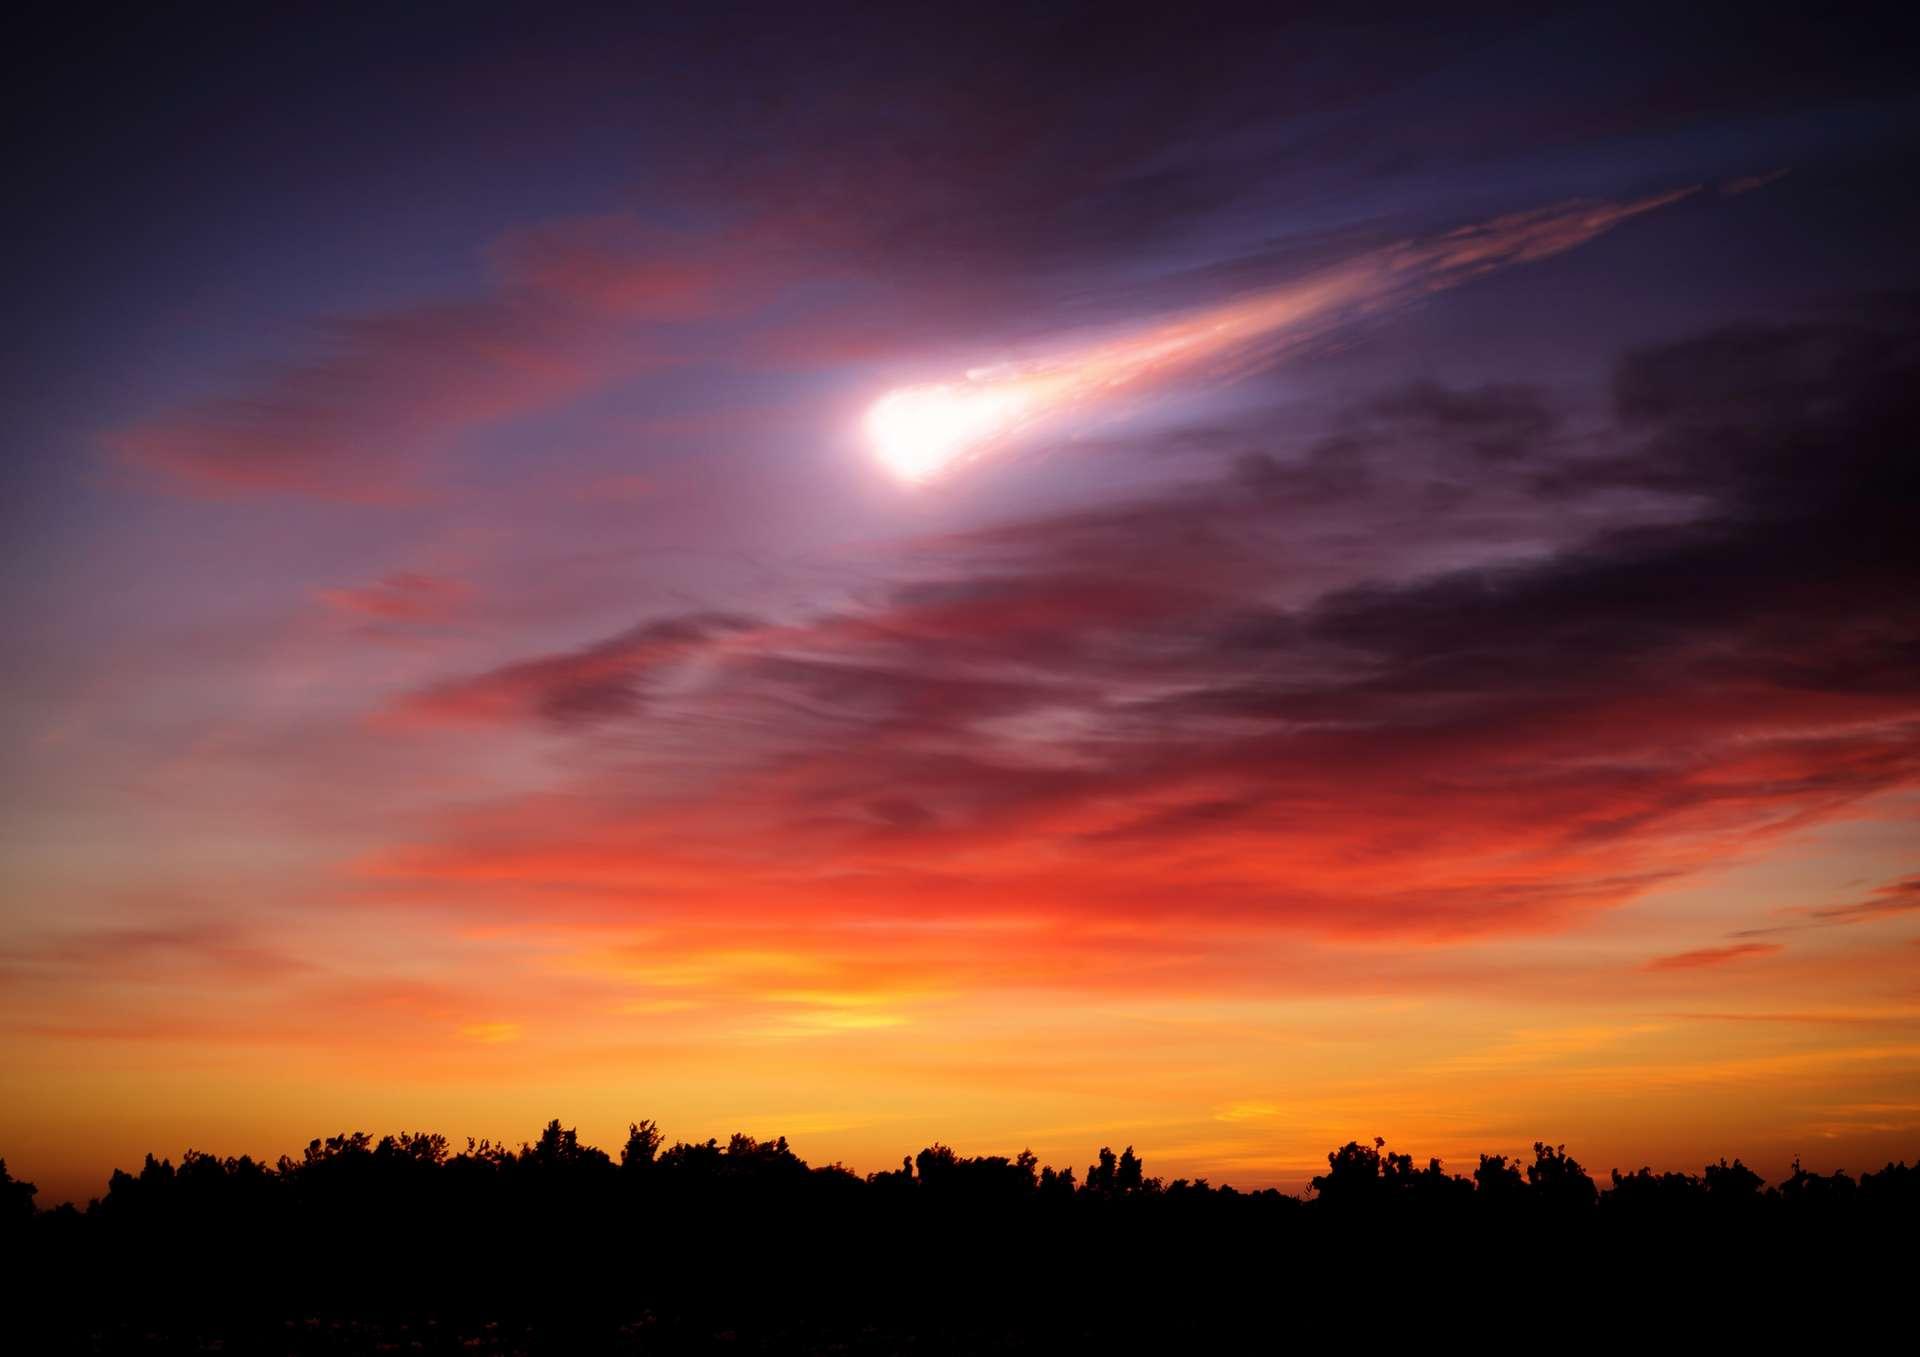 Illustration d'une météorite entrant dans l'atmosphère. © Tryfonov, Adobe Stock